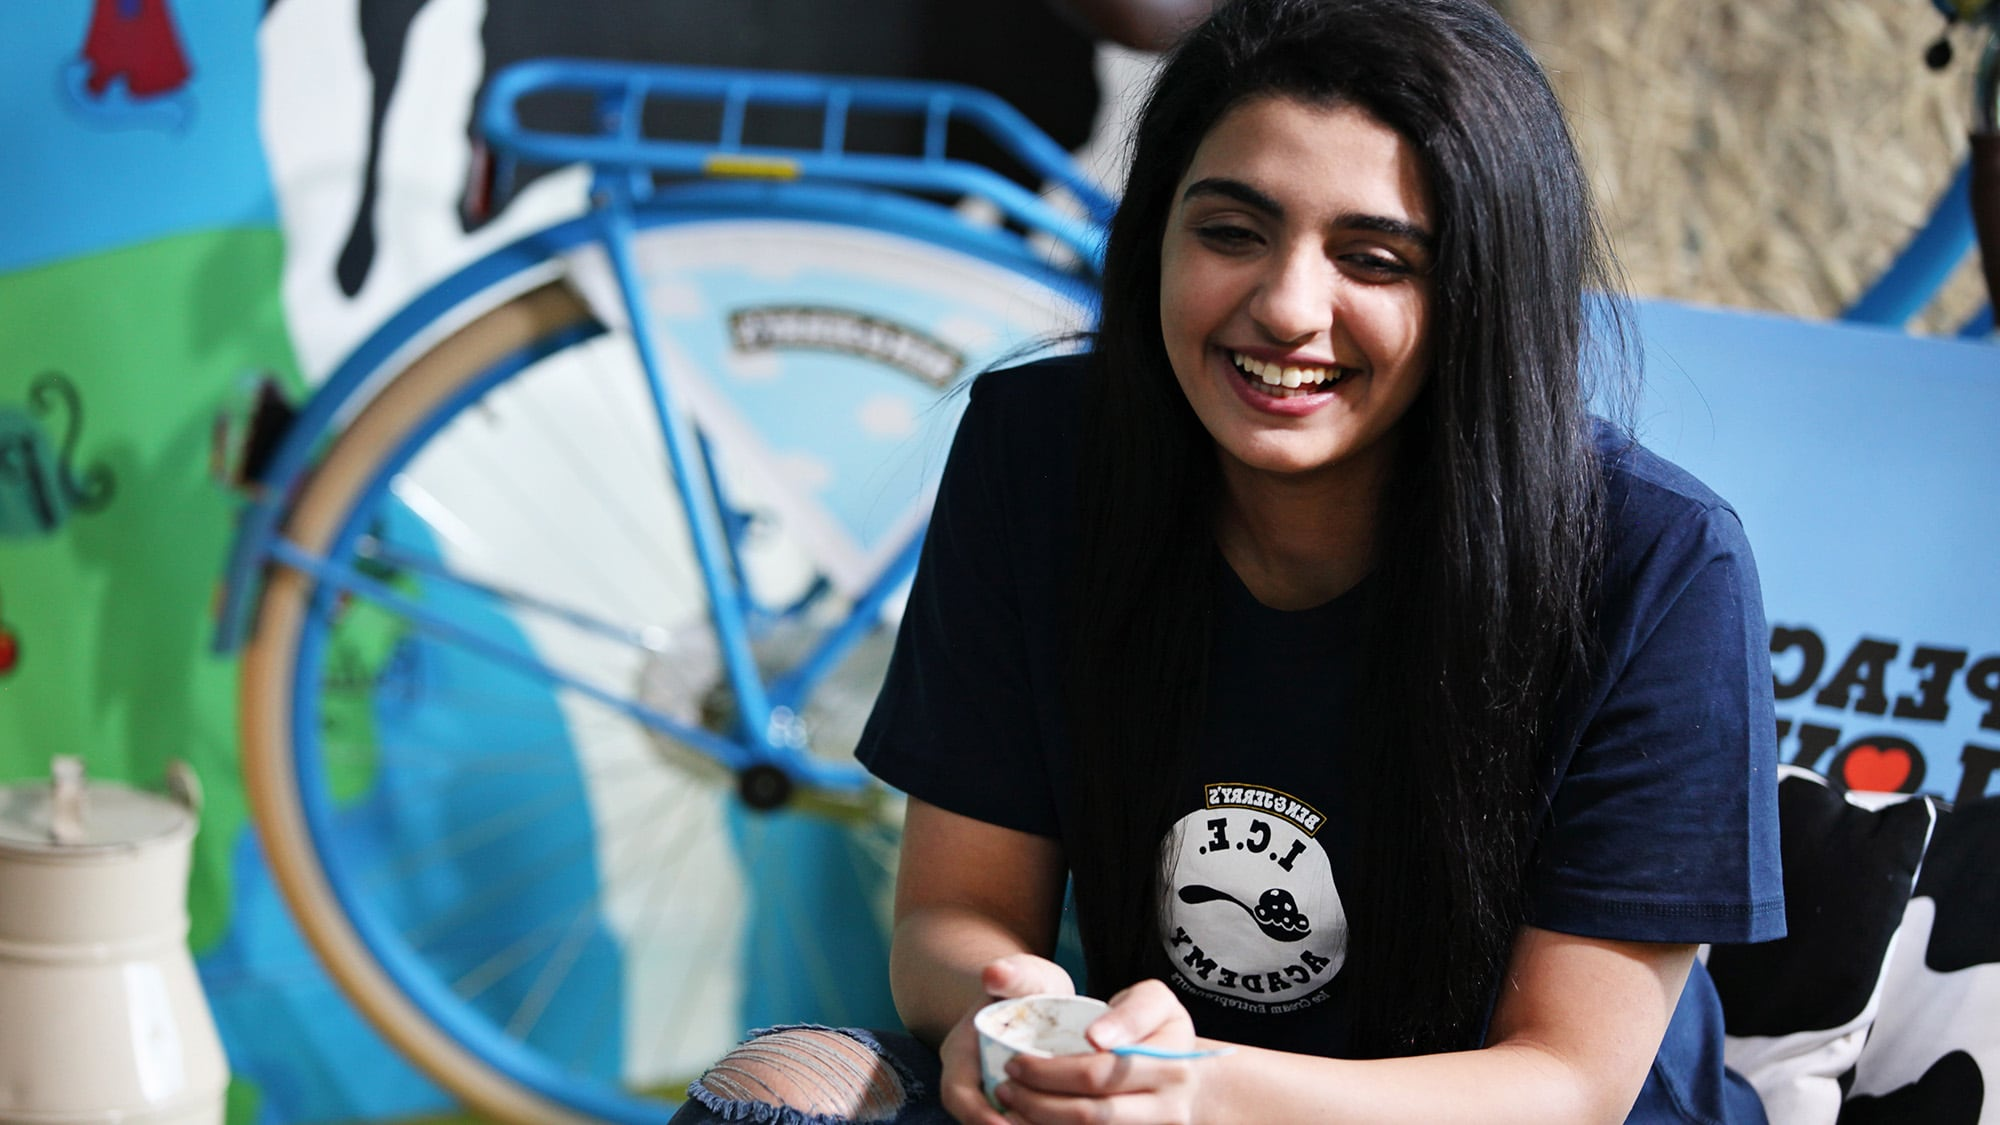 Trei moduri inovatoare de a ajuta refugiații ... și ei ne ajută   știri